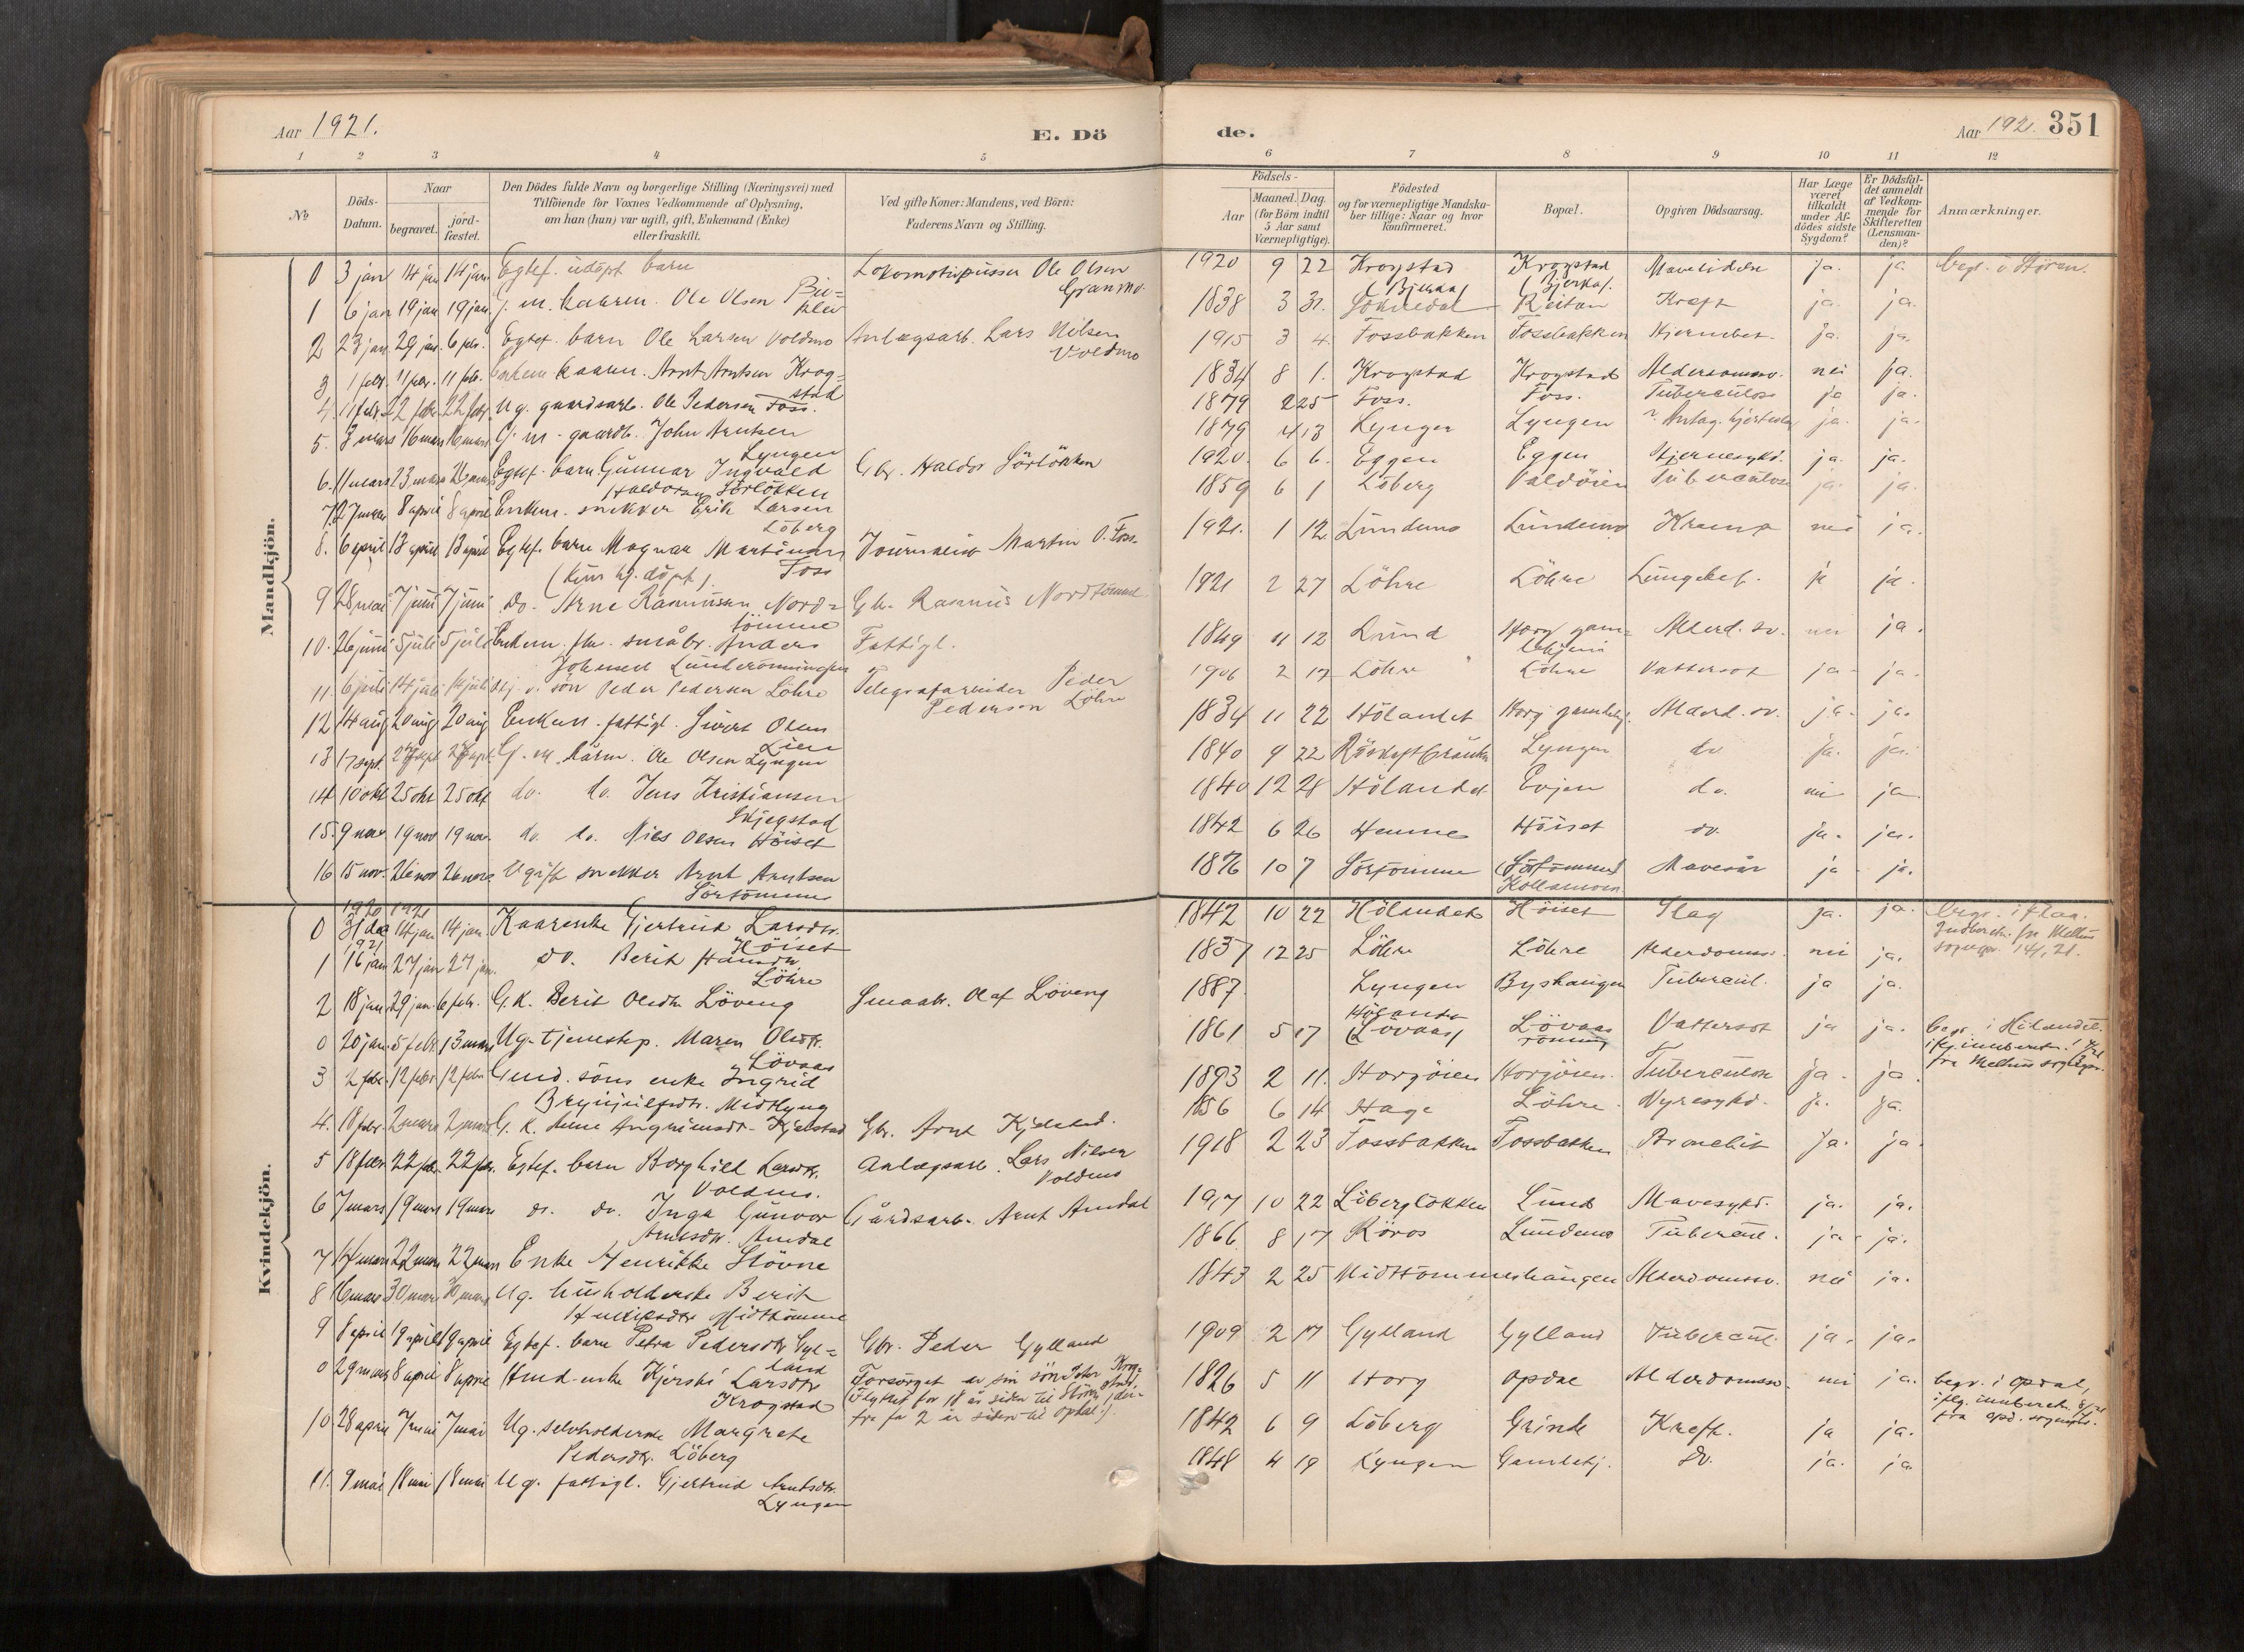 SAT, Ministerialprotokoller, klokkerbøker og fødselsregistre - Sør-Trøndelag, 692/L1105b: Ministerialbok nr. 692A06, 1891-1934, s. 351